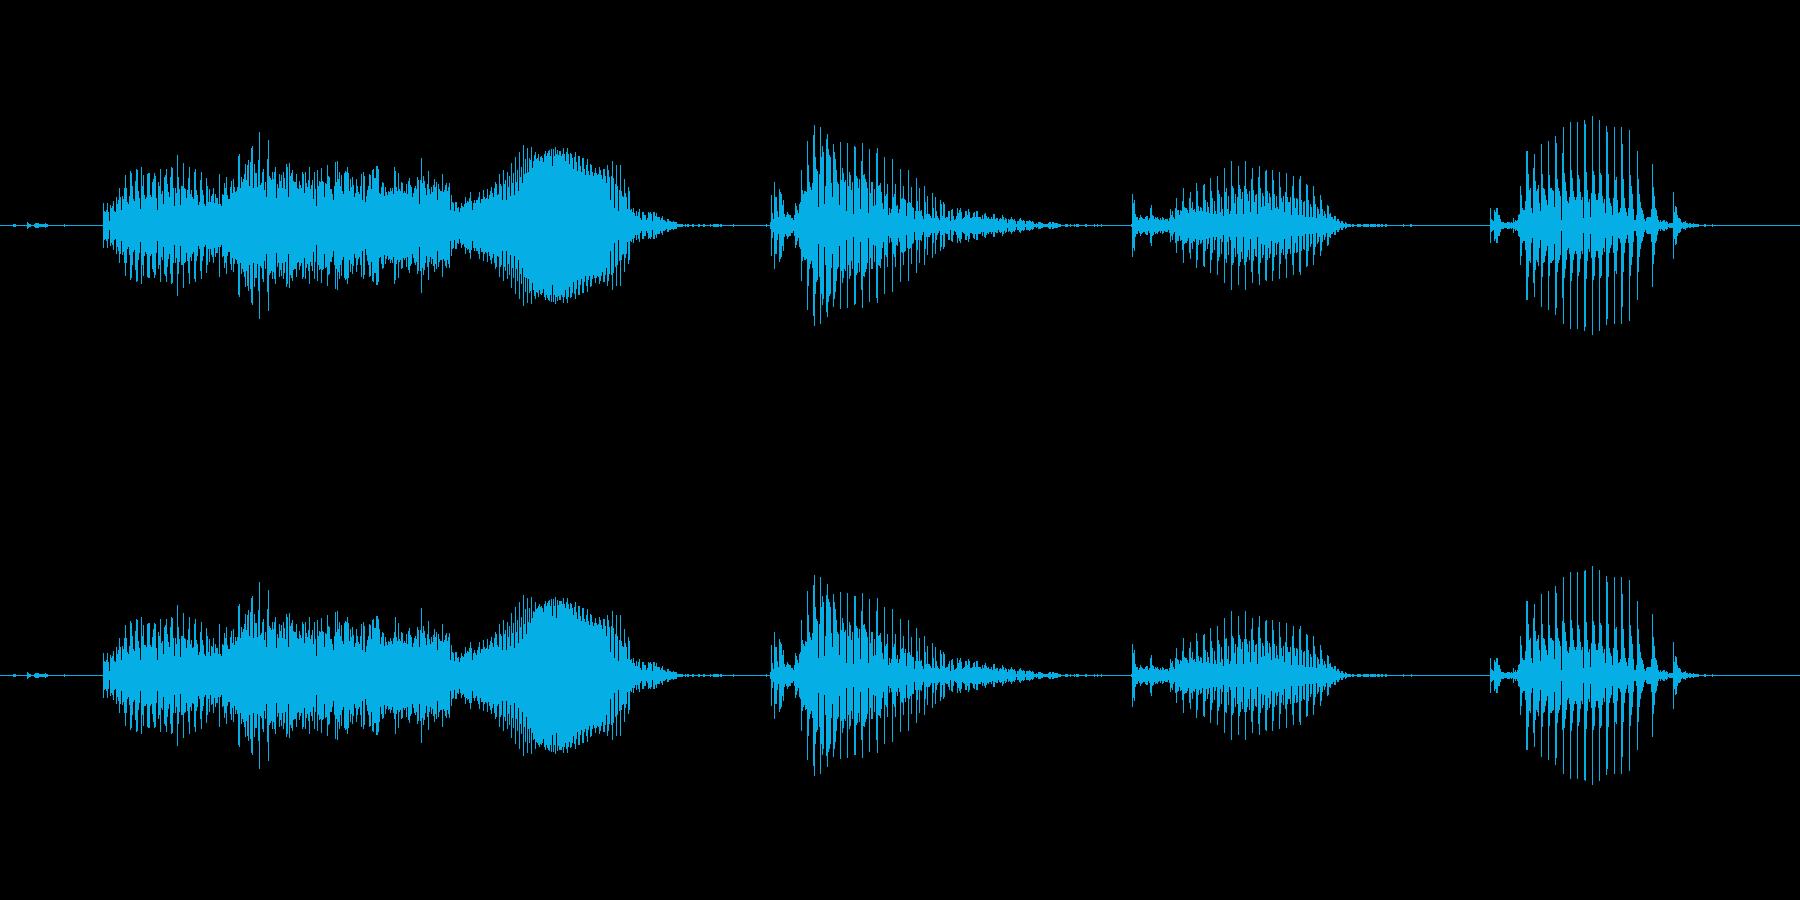 【日数・経過】1週間経過の再生済みの波形